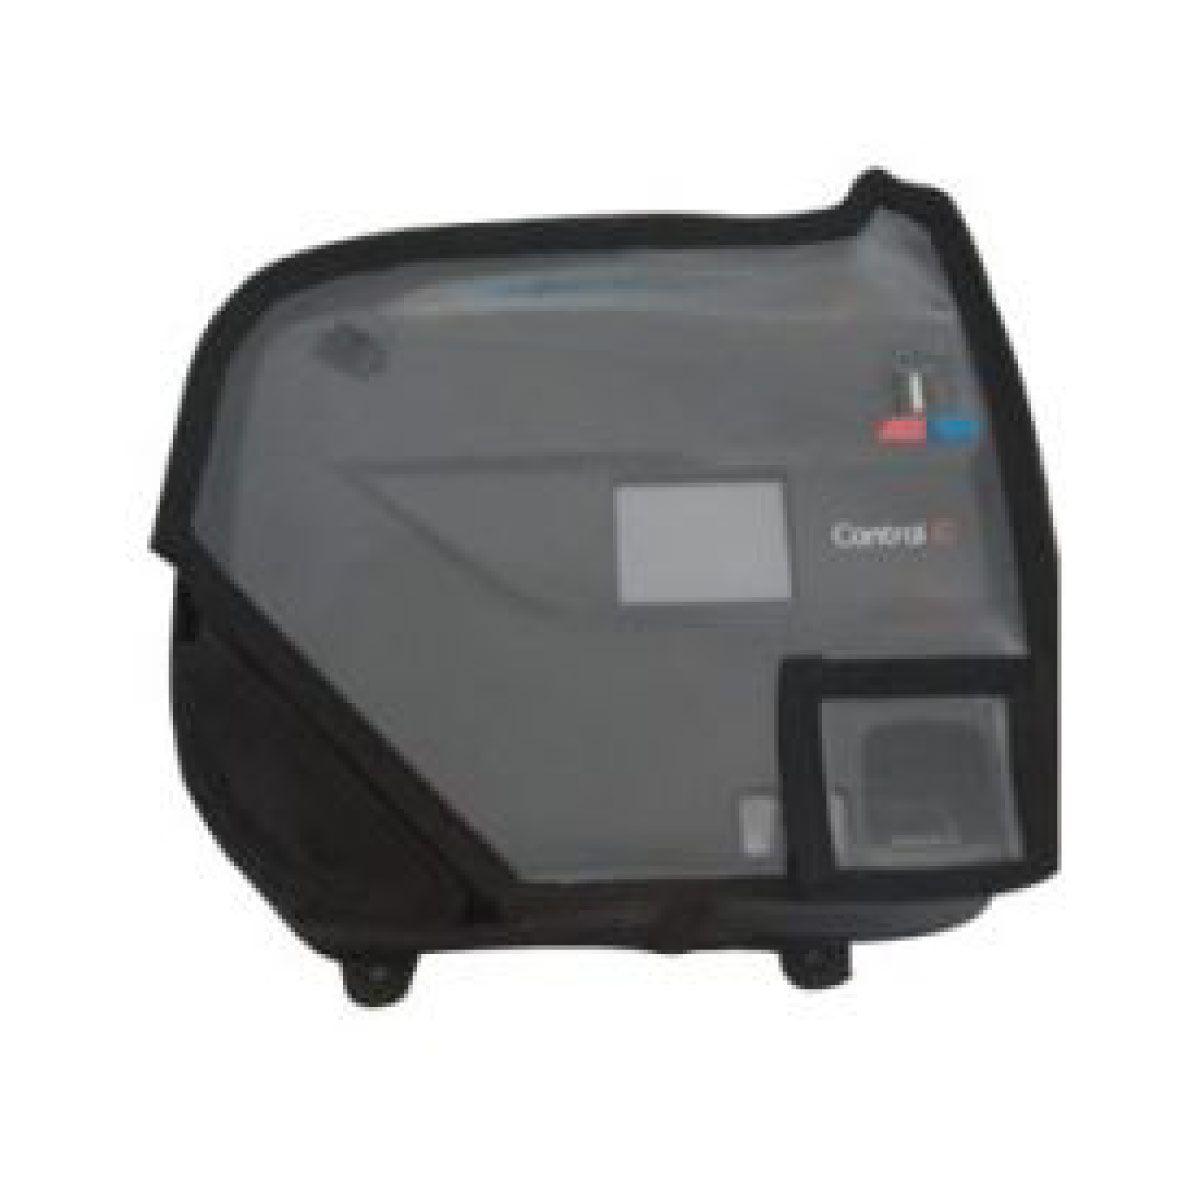 Capa para Relógio de Ponto Control ID iDClass Biometria